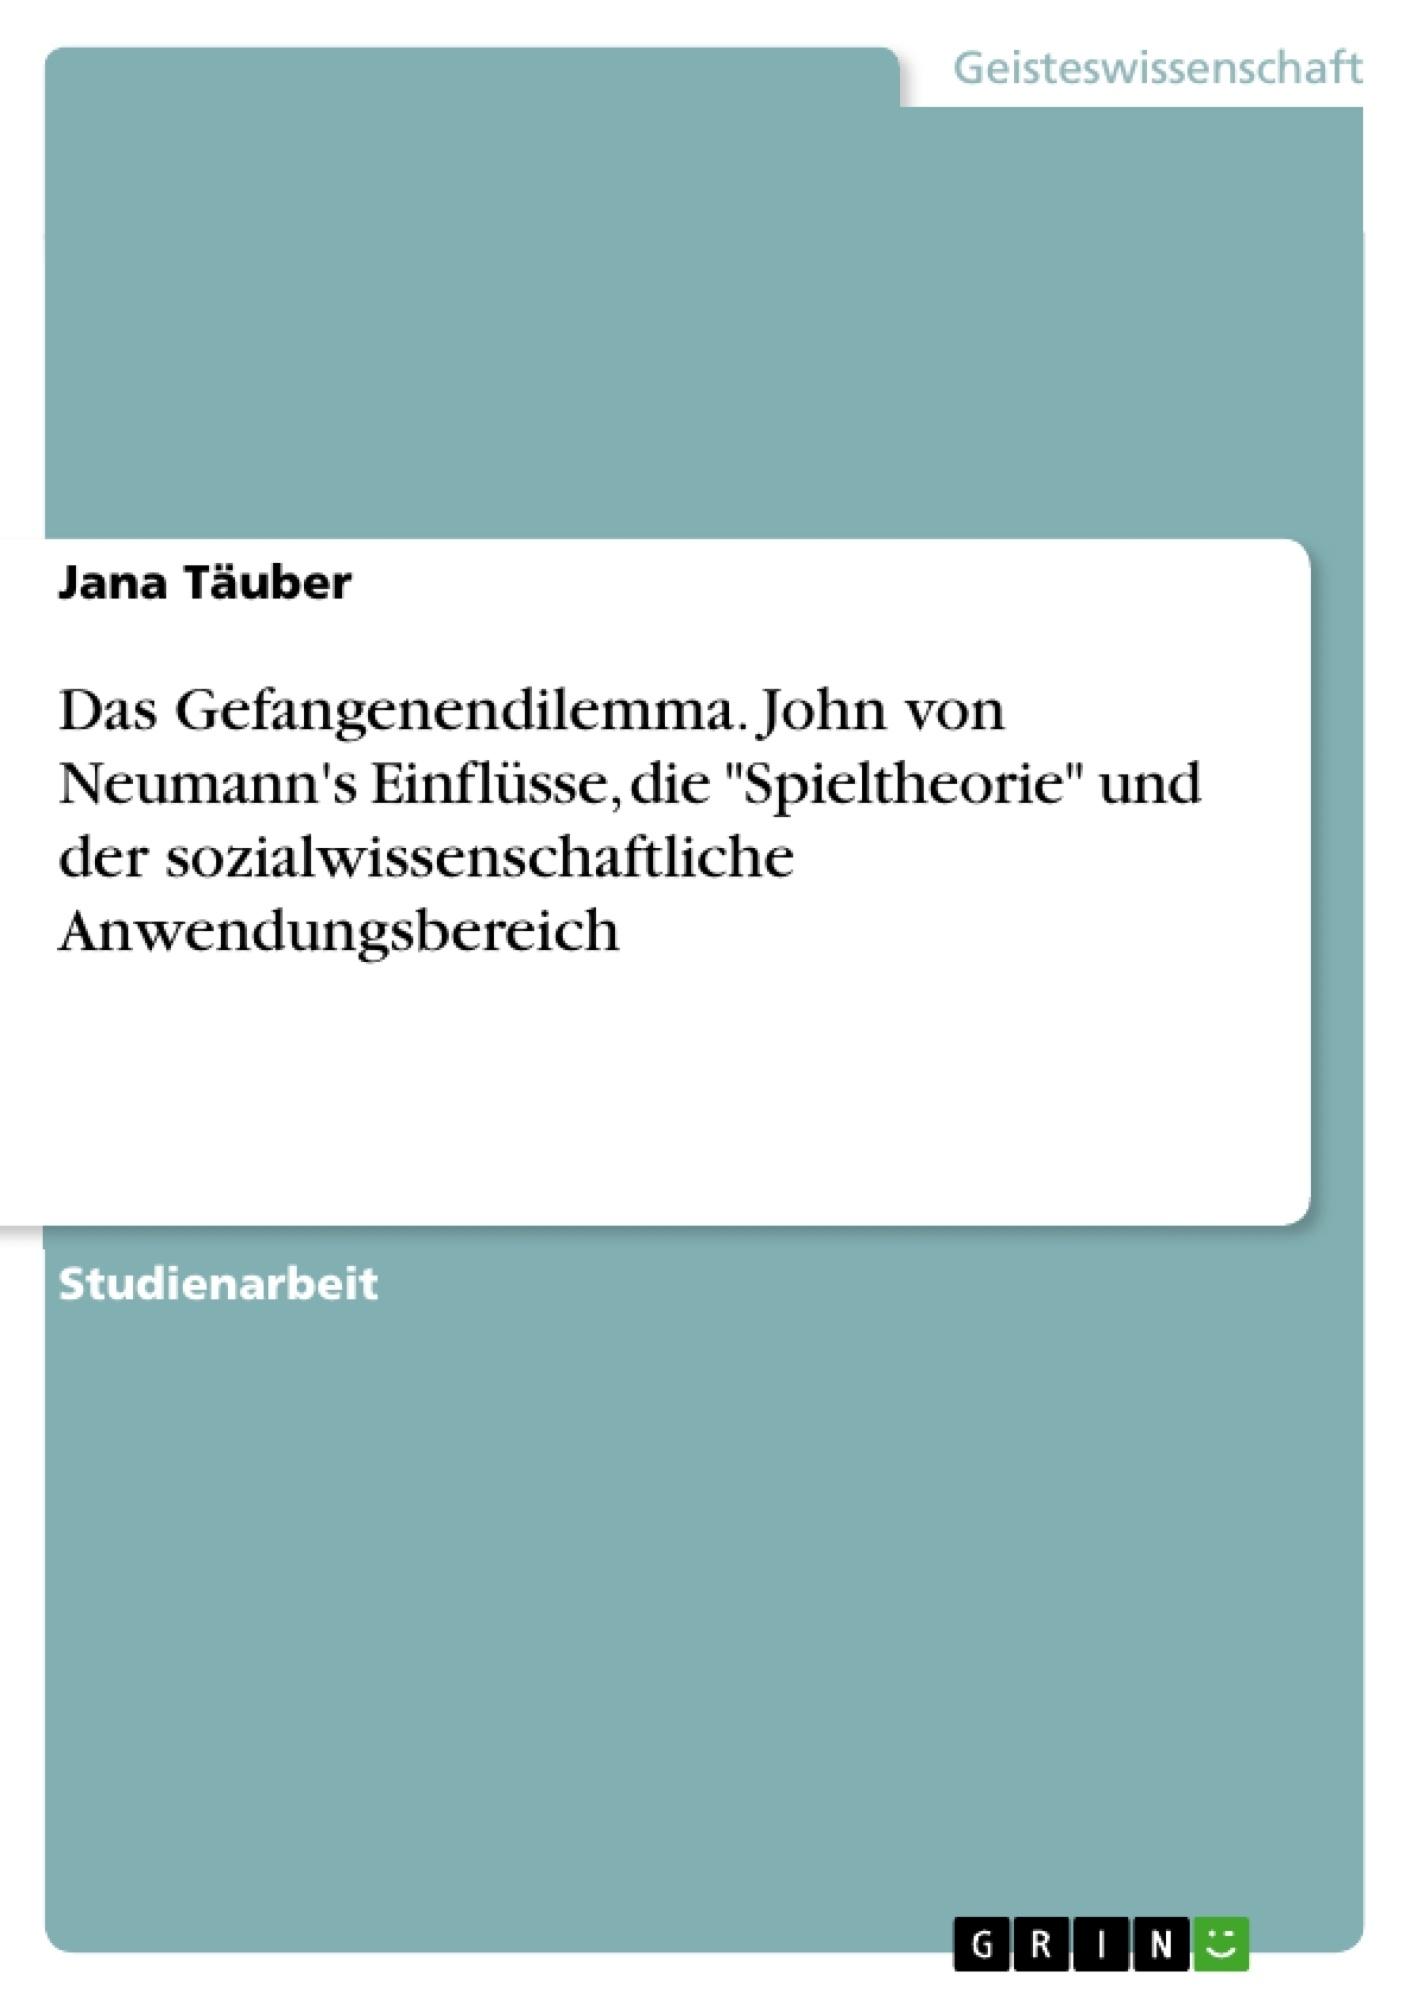 """Titel: Das Gefangenendilemma. John von Neumann's Einflüsse, die """"Spieltheorie"""" und der sozialwissenschaftliche Anwendungsbereich"""